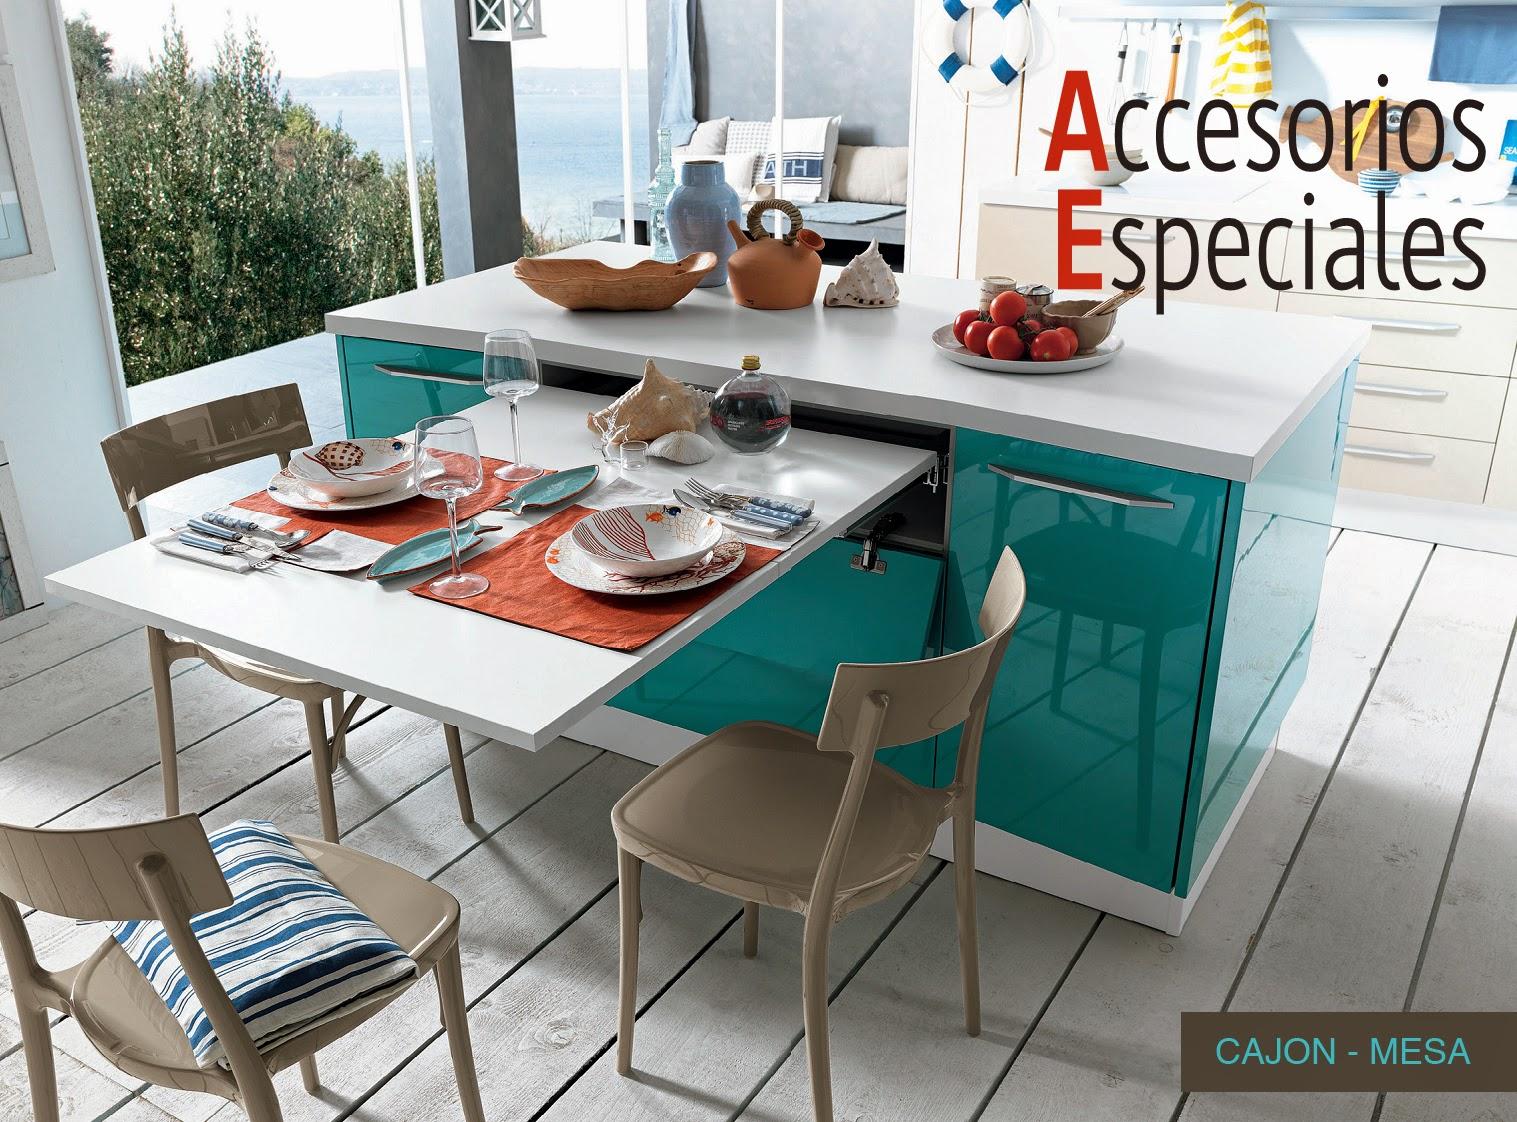 Mesas extraibles de cocina latest conjunto cocina mesa alta auxiliar redonda taburetes altos - Mesa extraible cocina ...